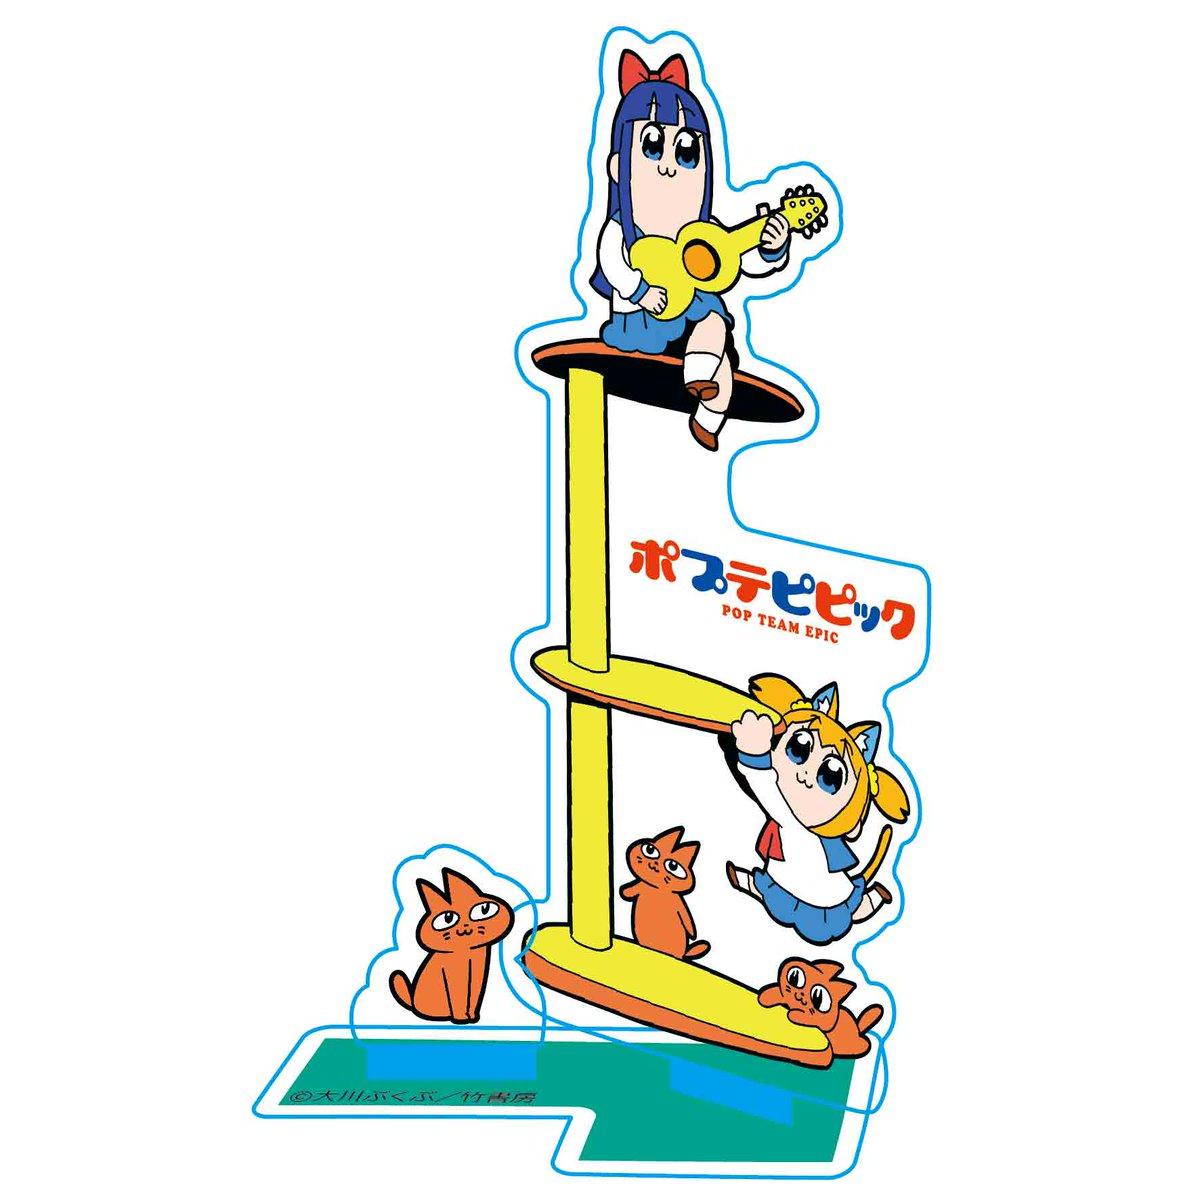 [ポプテピピック×プリンセスショップ] 新グッズ ポプテピピック アクリルフィギュア 全4種 各1,200円(税抜) あのポプテピピックがプリカフェに帰ってきた!